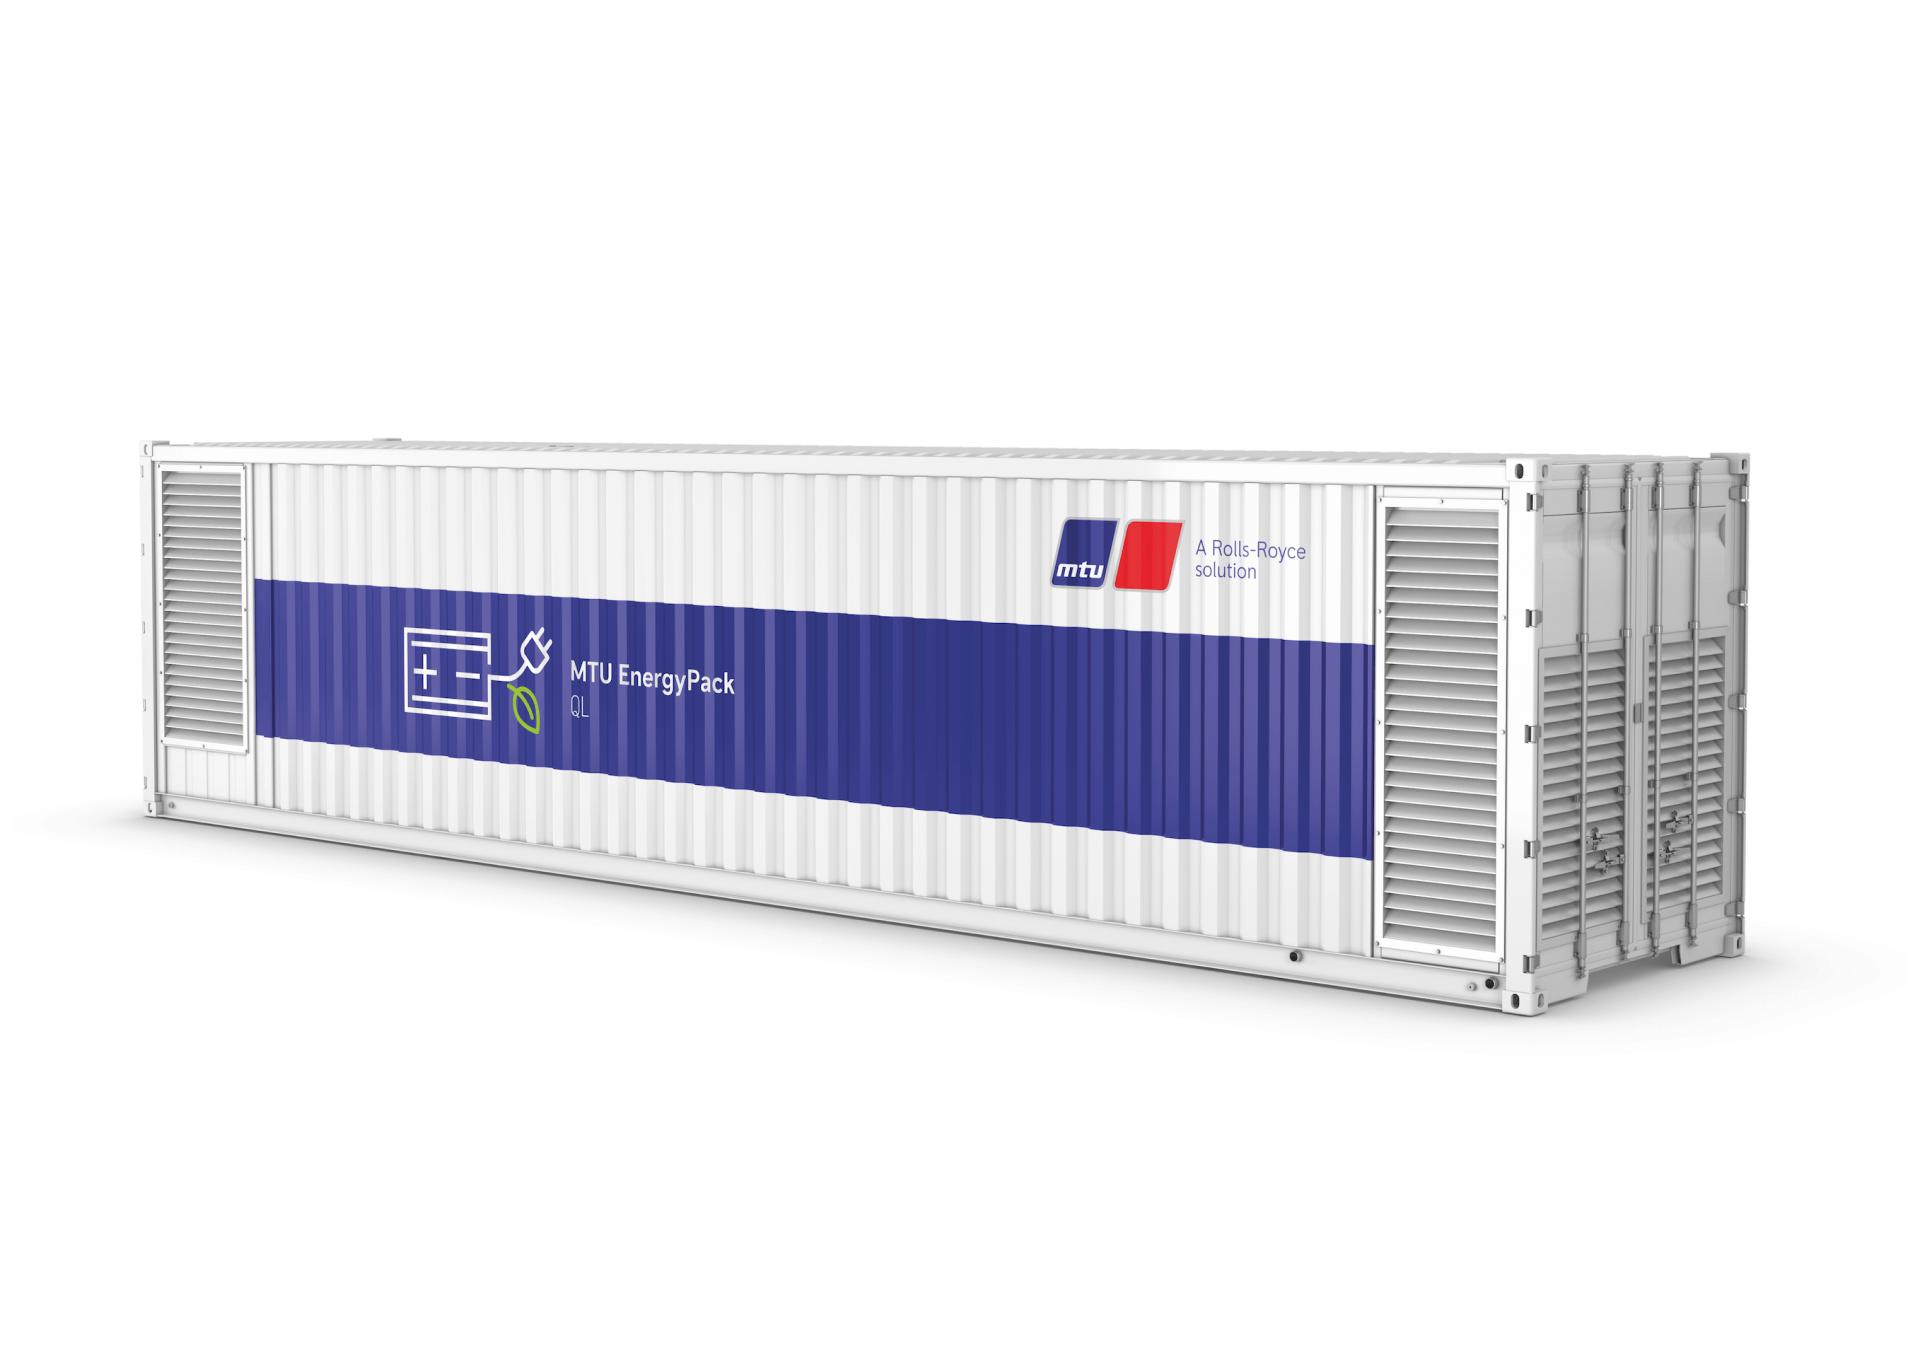 EnergyPack QL